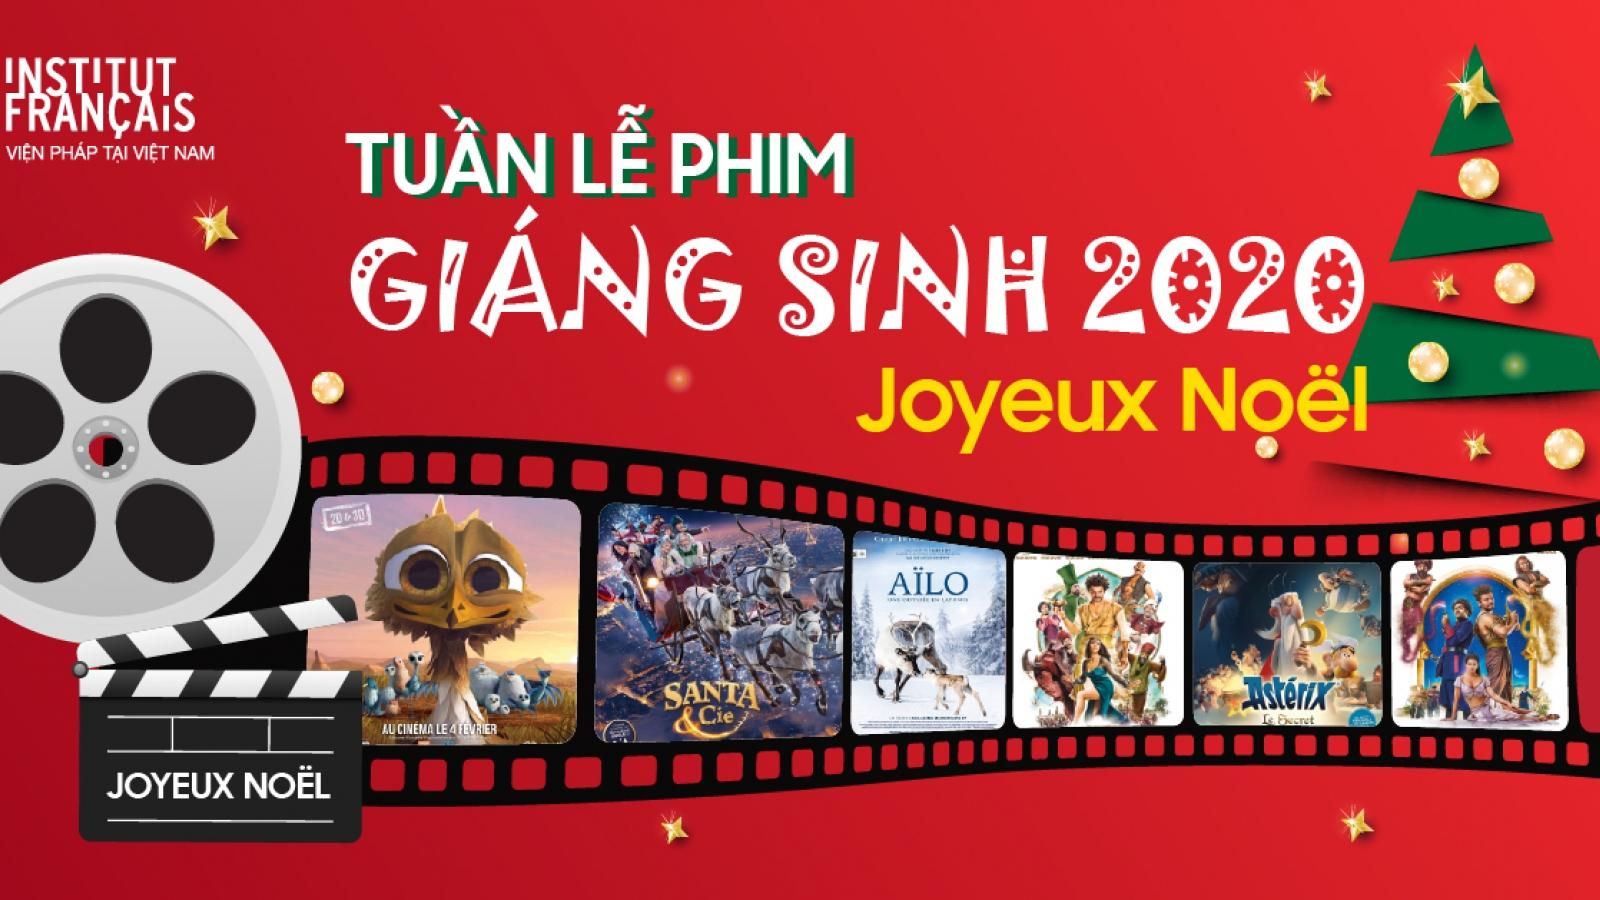 6 bộ phim hấp dẫn về mùa Giáng sinh được trình chiếu tại Hà Nội